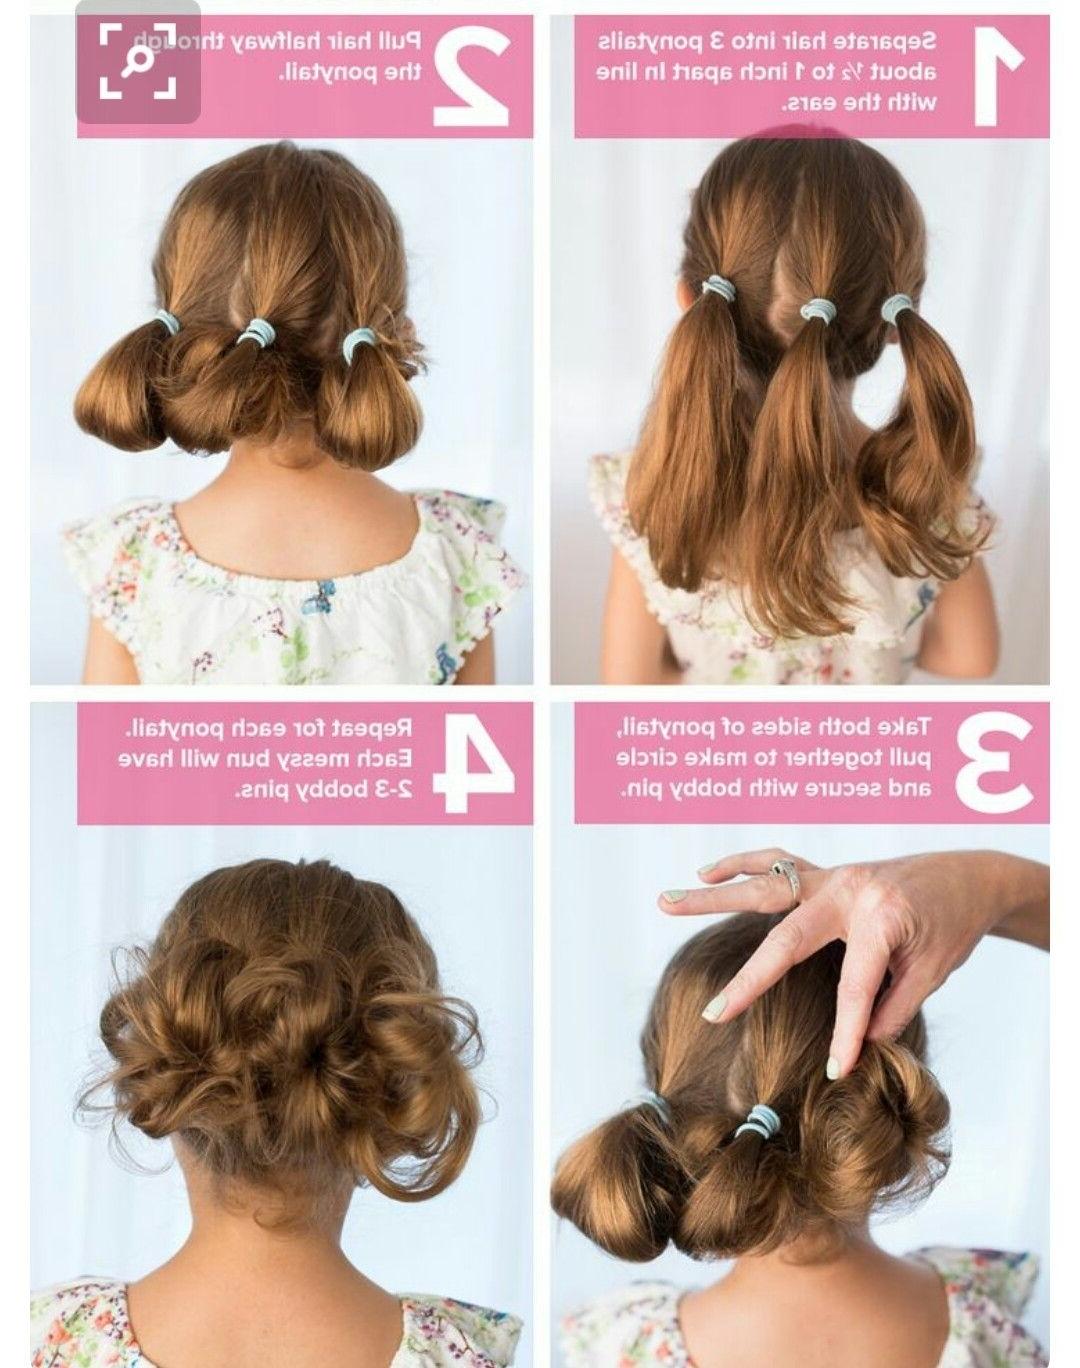 Strange Little Buns | Strange Flowers | Pinterest | Hair Style, Girl Pertaining To Easy Updo Hairstyles For Medium Hair (View 13 of 15)